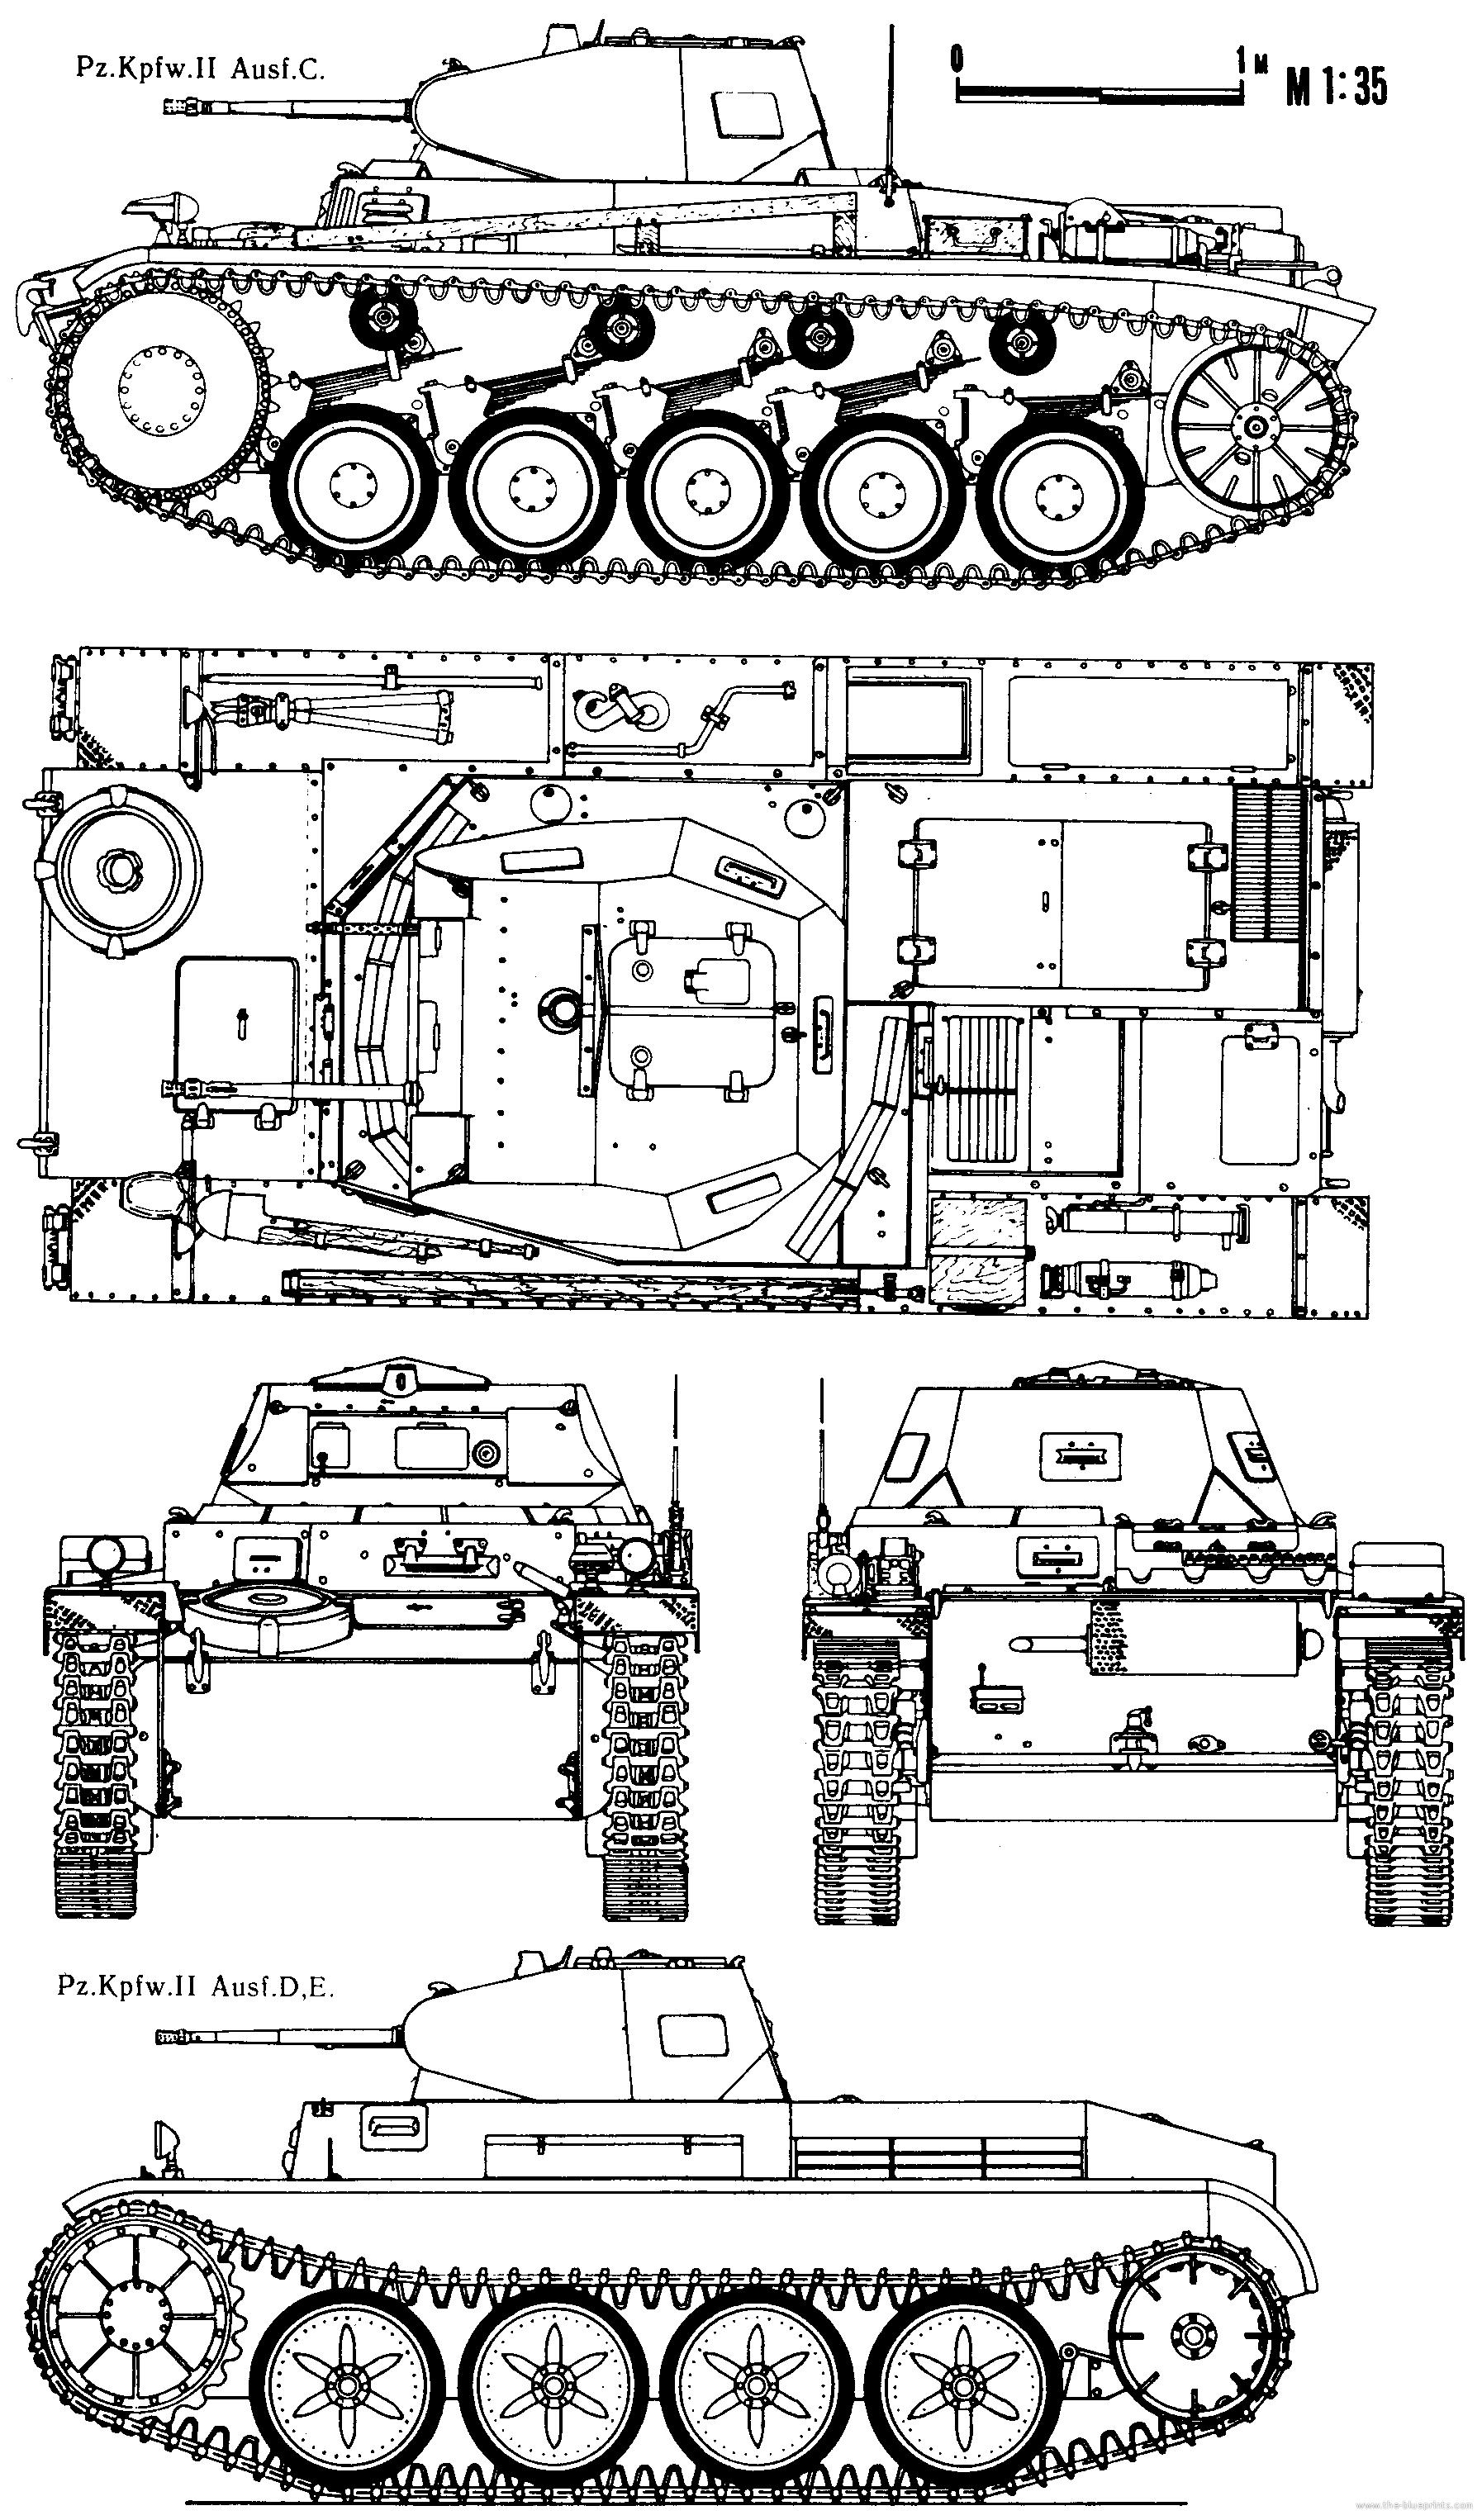 Pz C Puertas Exterior: Blueprints > Tanks > WW2 Tanks (Germany, 1) > Pz.Kpfw. II